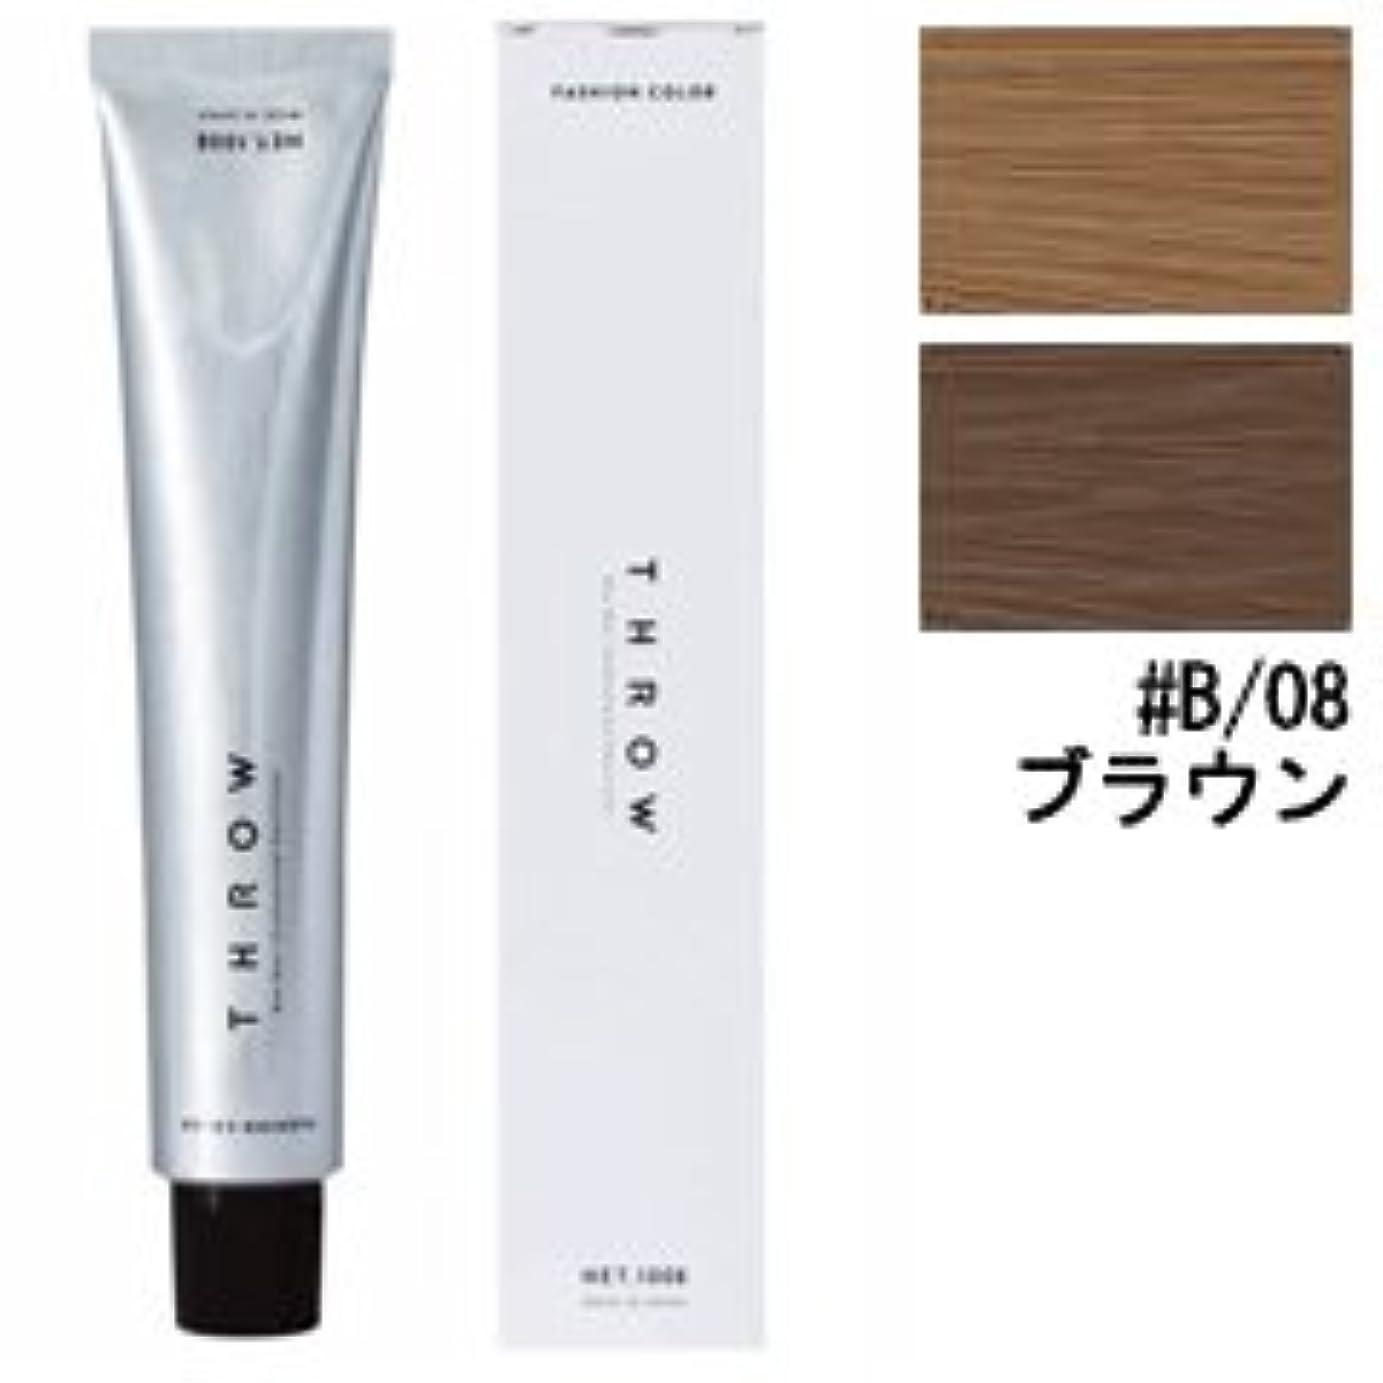 並外れて味占める【モルトベーネ】スロウ ファッションカラー #B/08 ブラウン 100g